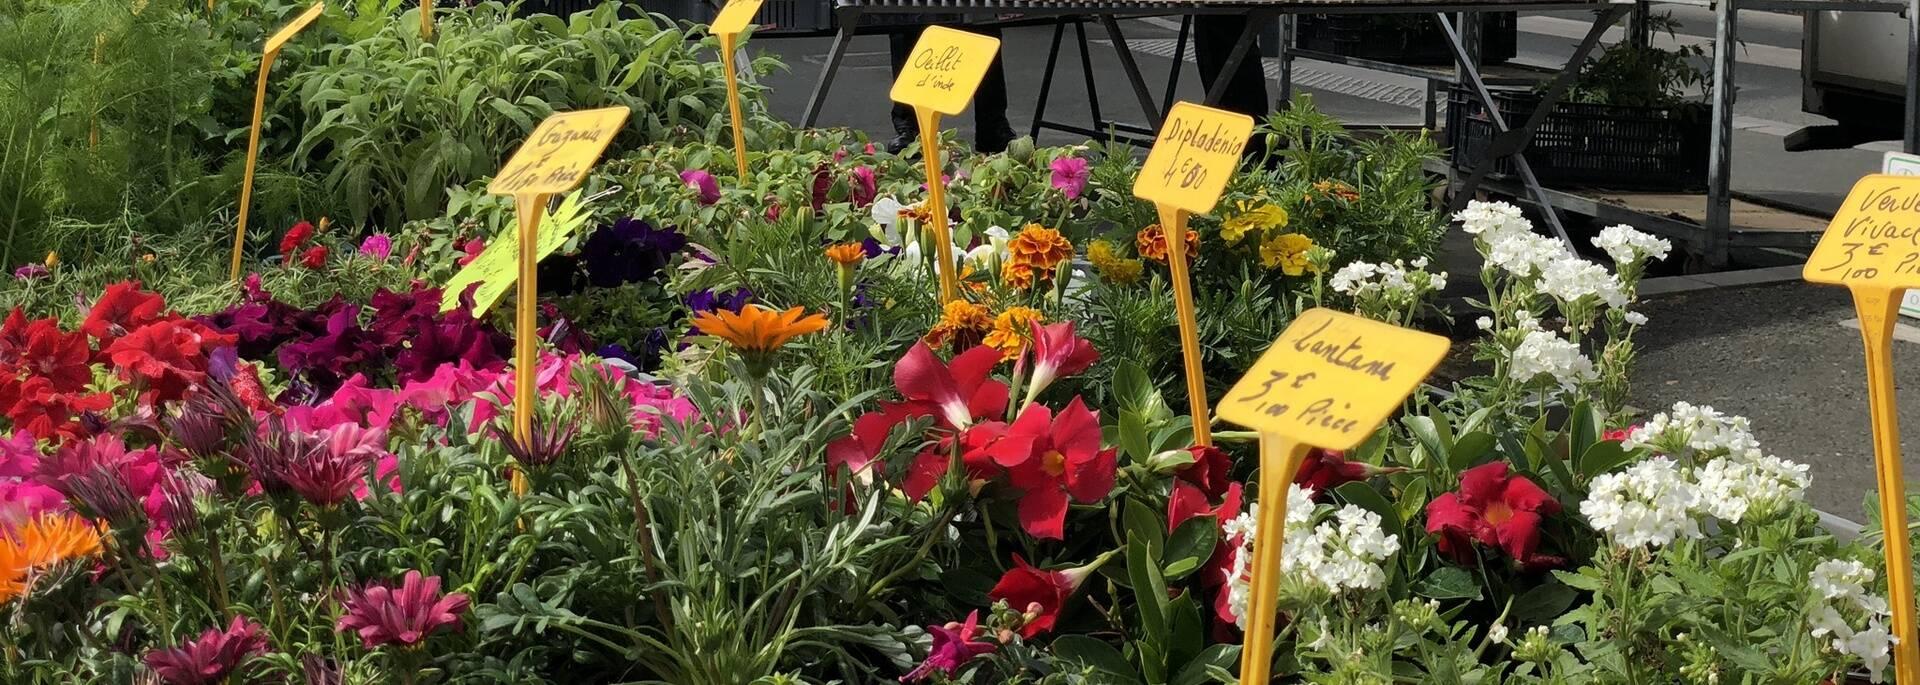 Étal de fleurs, marché Lafayette